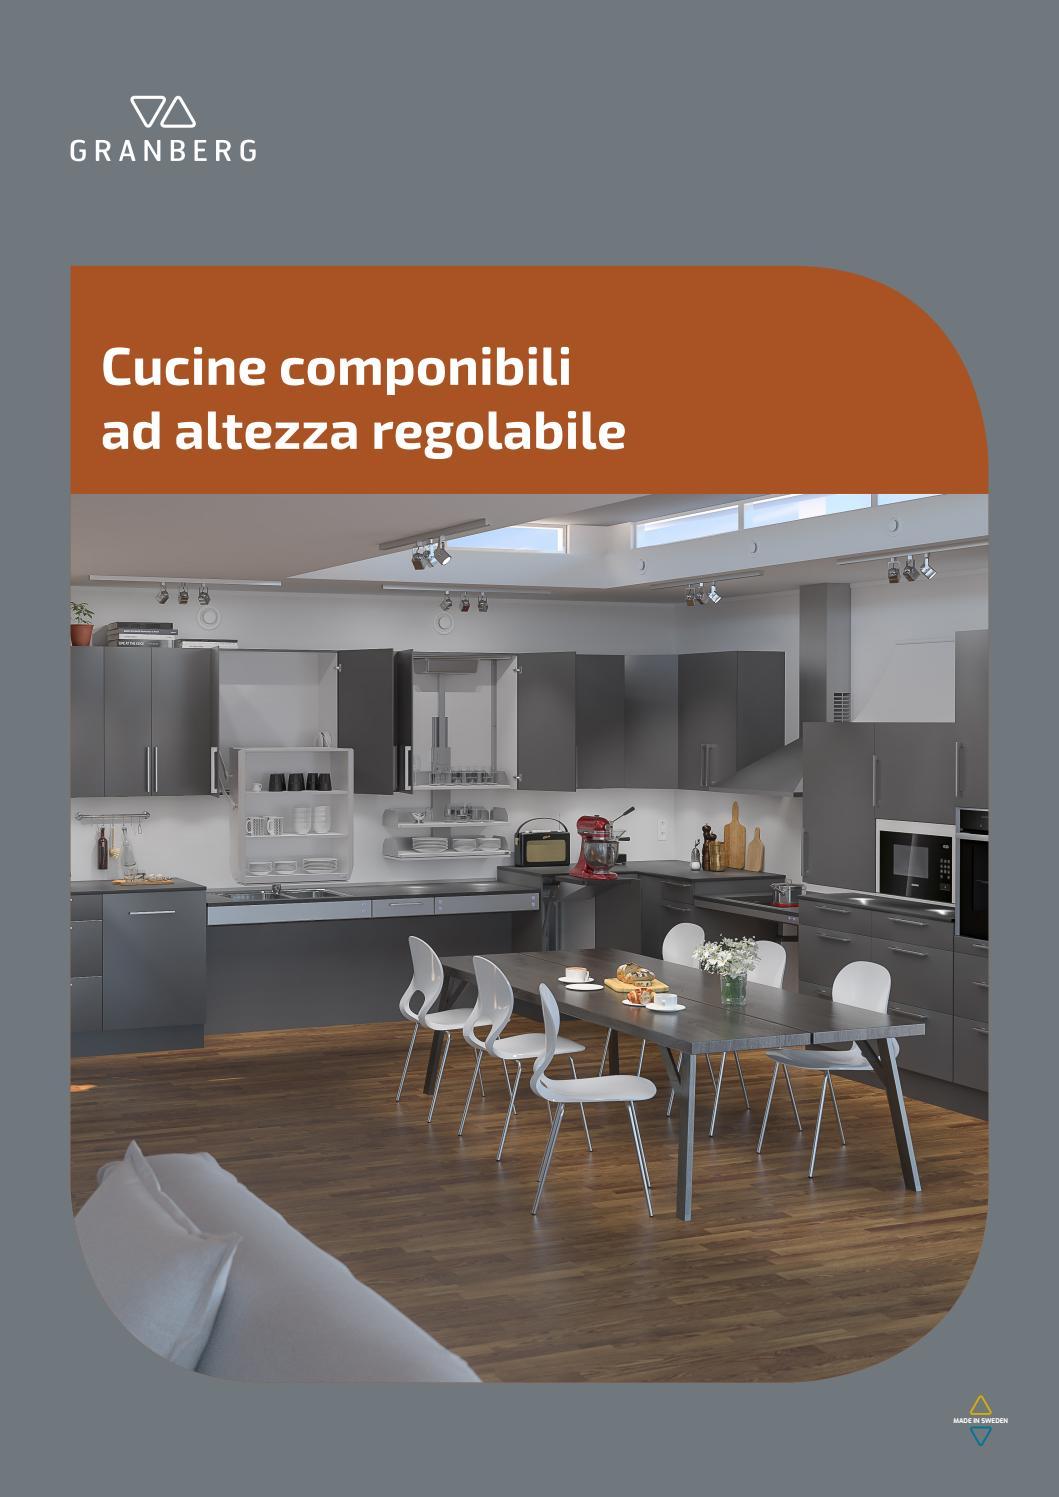 Come Modificare Una Cucina Componibile granberg - cucine componibili ad altezza regolabile by